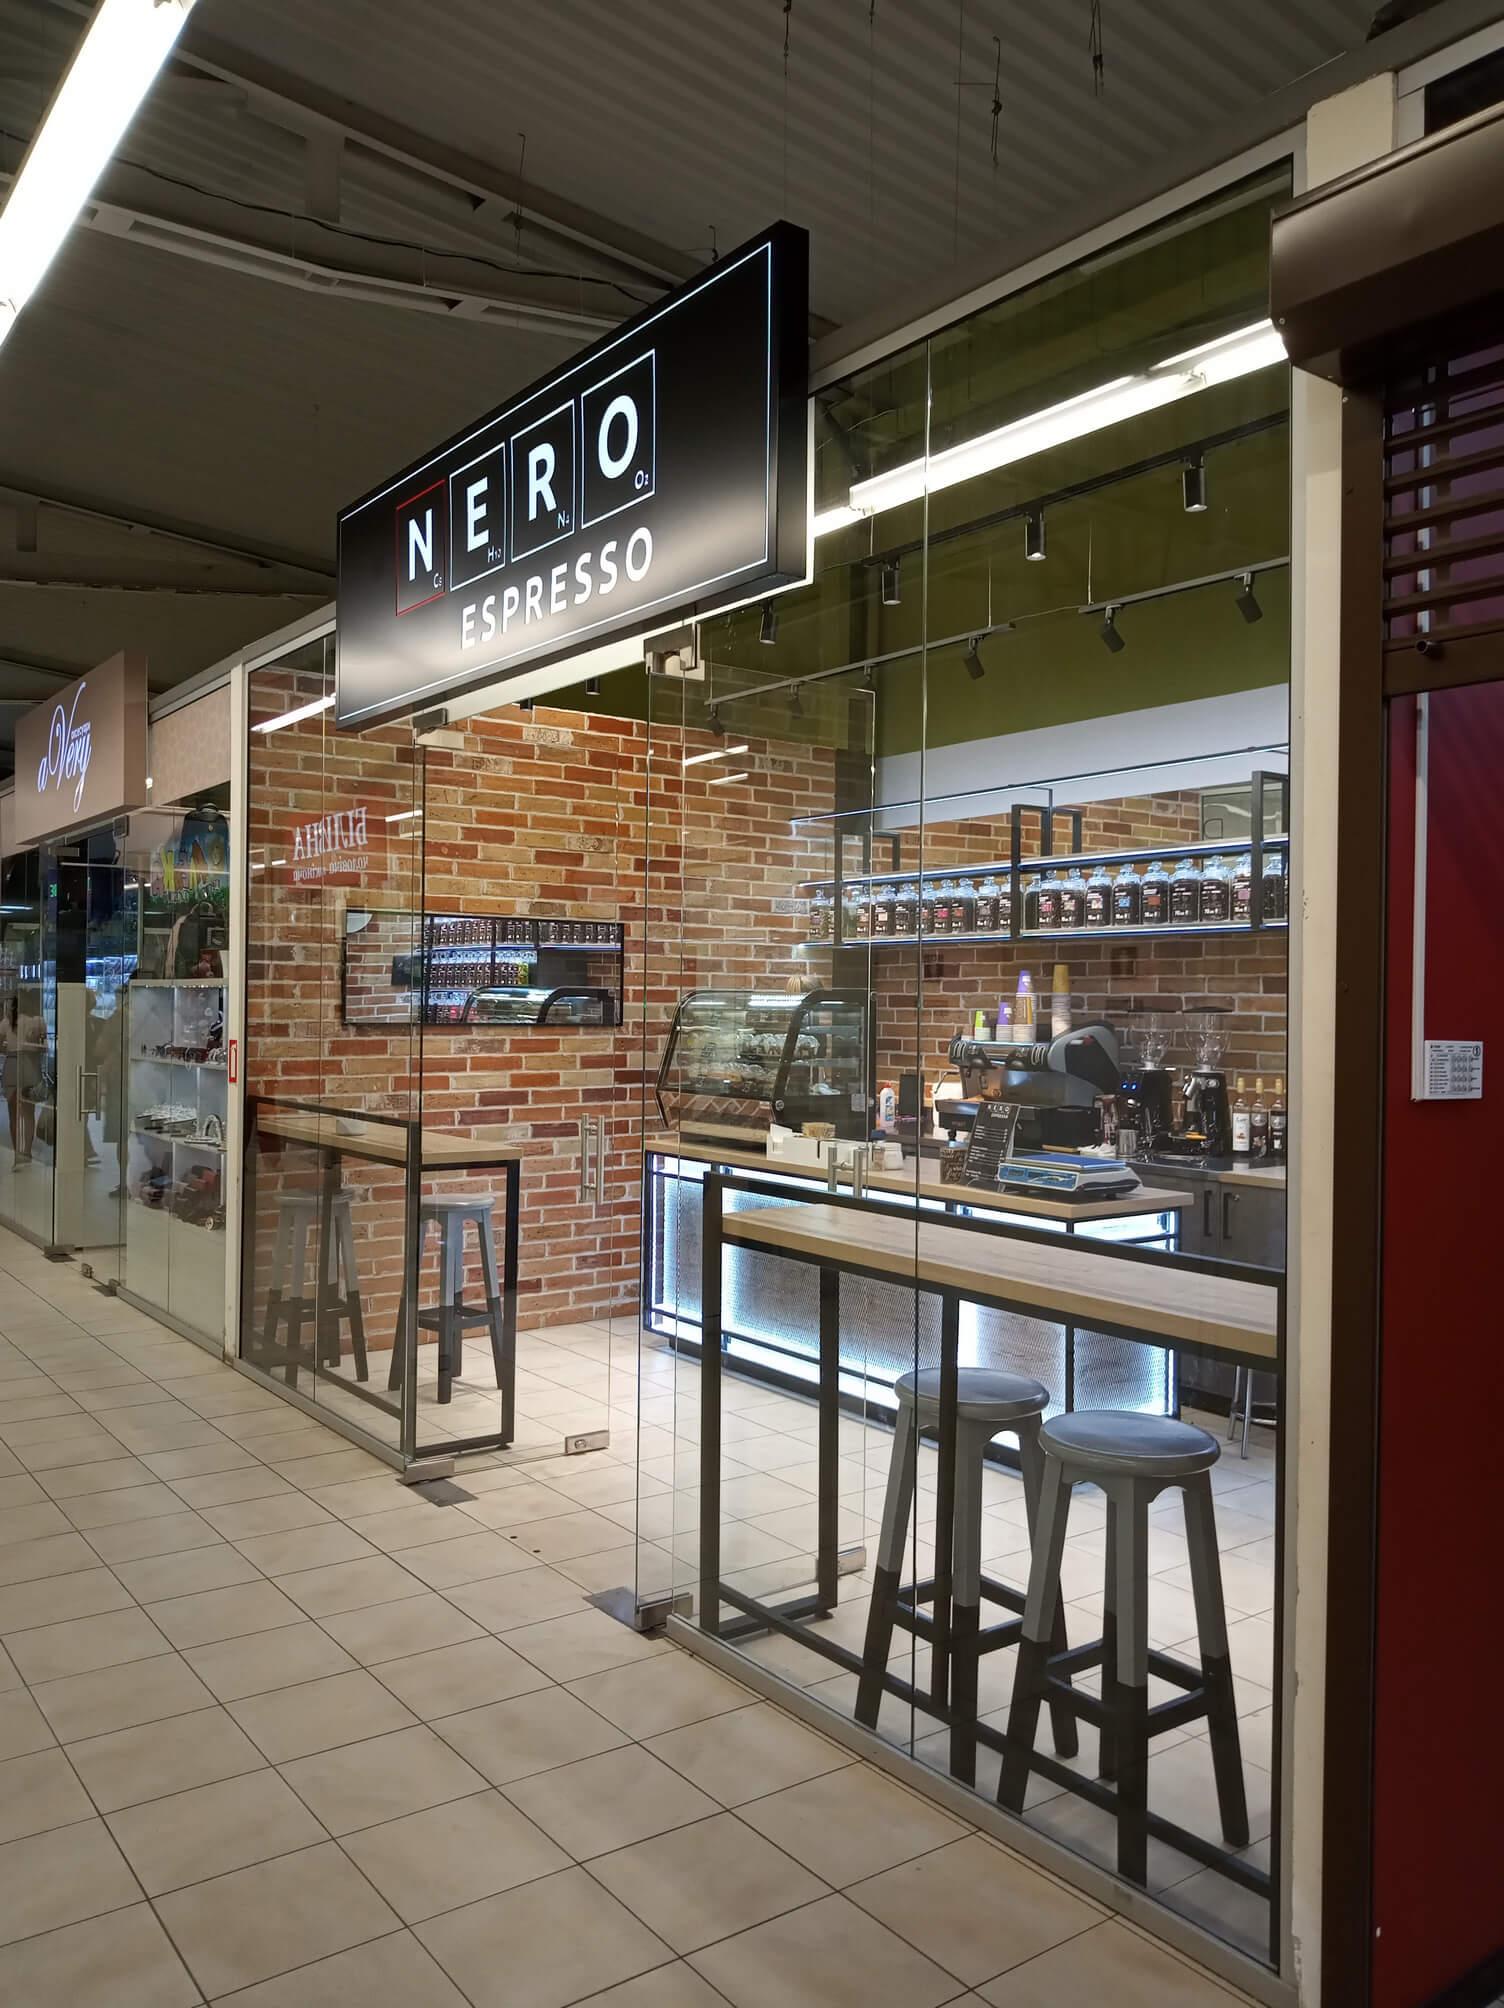 Кофейня Nero Espresso